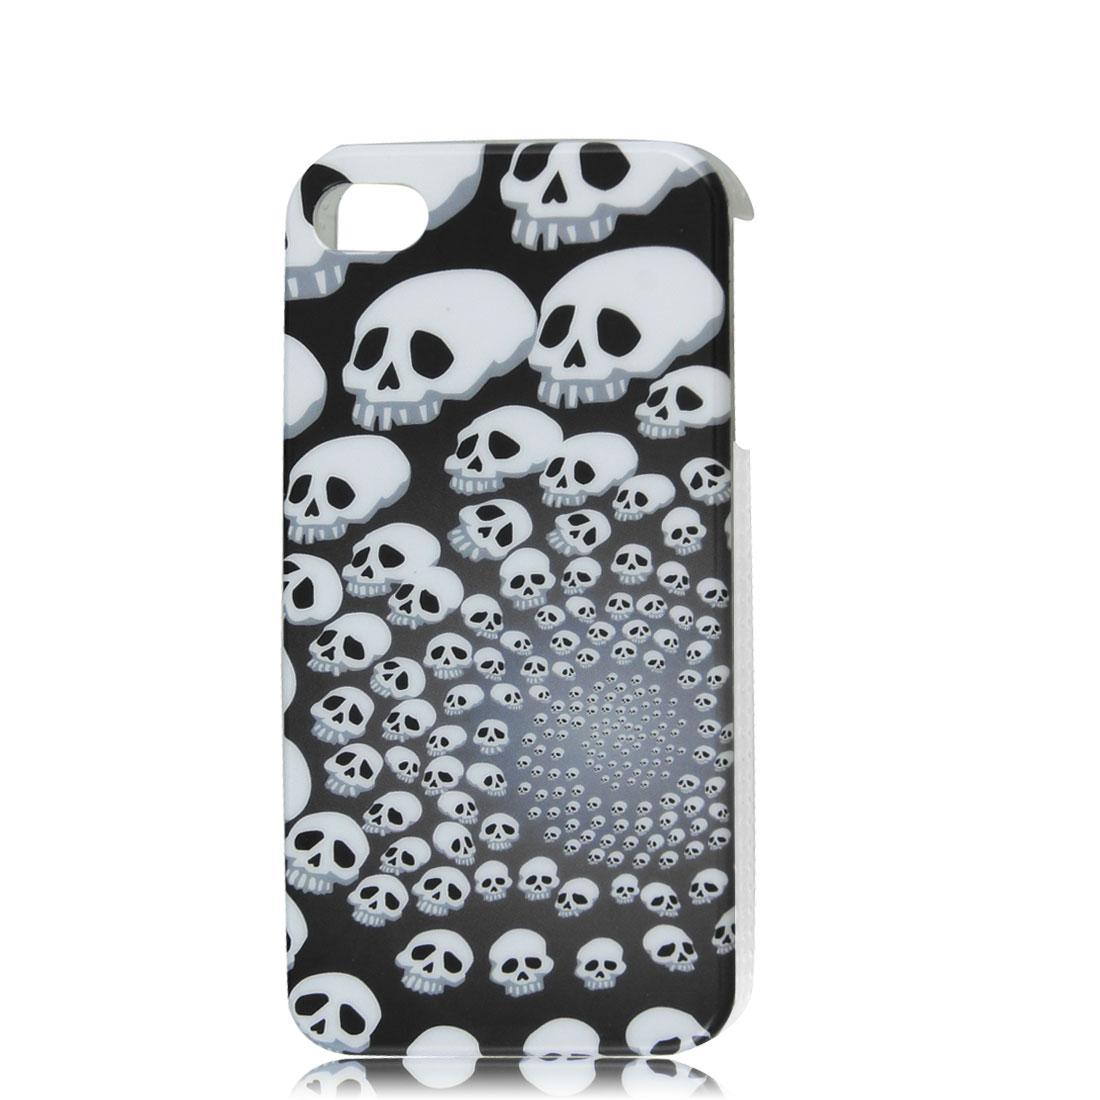 Gray White Skulls IMD Hard Back Case Cover for Apple iPhone 4 4G 4S 4GS